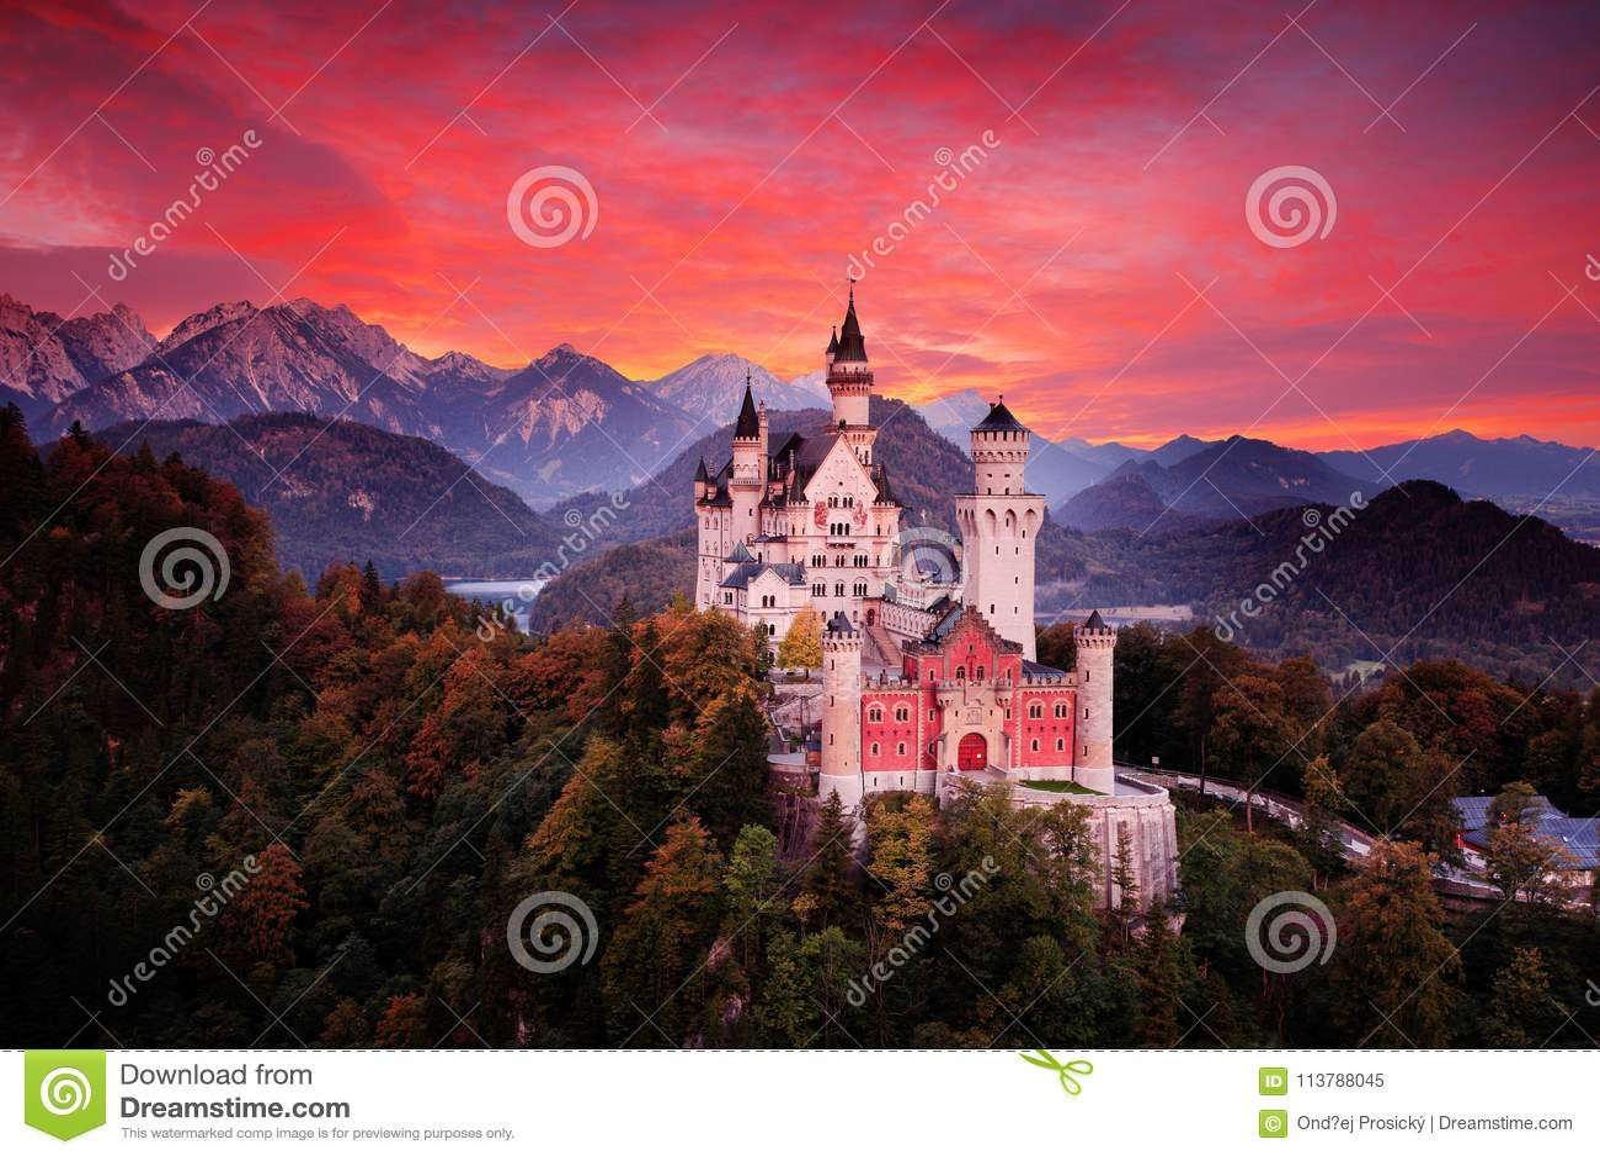 Het kasteel van het Neuschwansteinsprookje Mooie zonsondergangmening van de bloedige wolken met de herfstkleuren in bomen, scheme